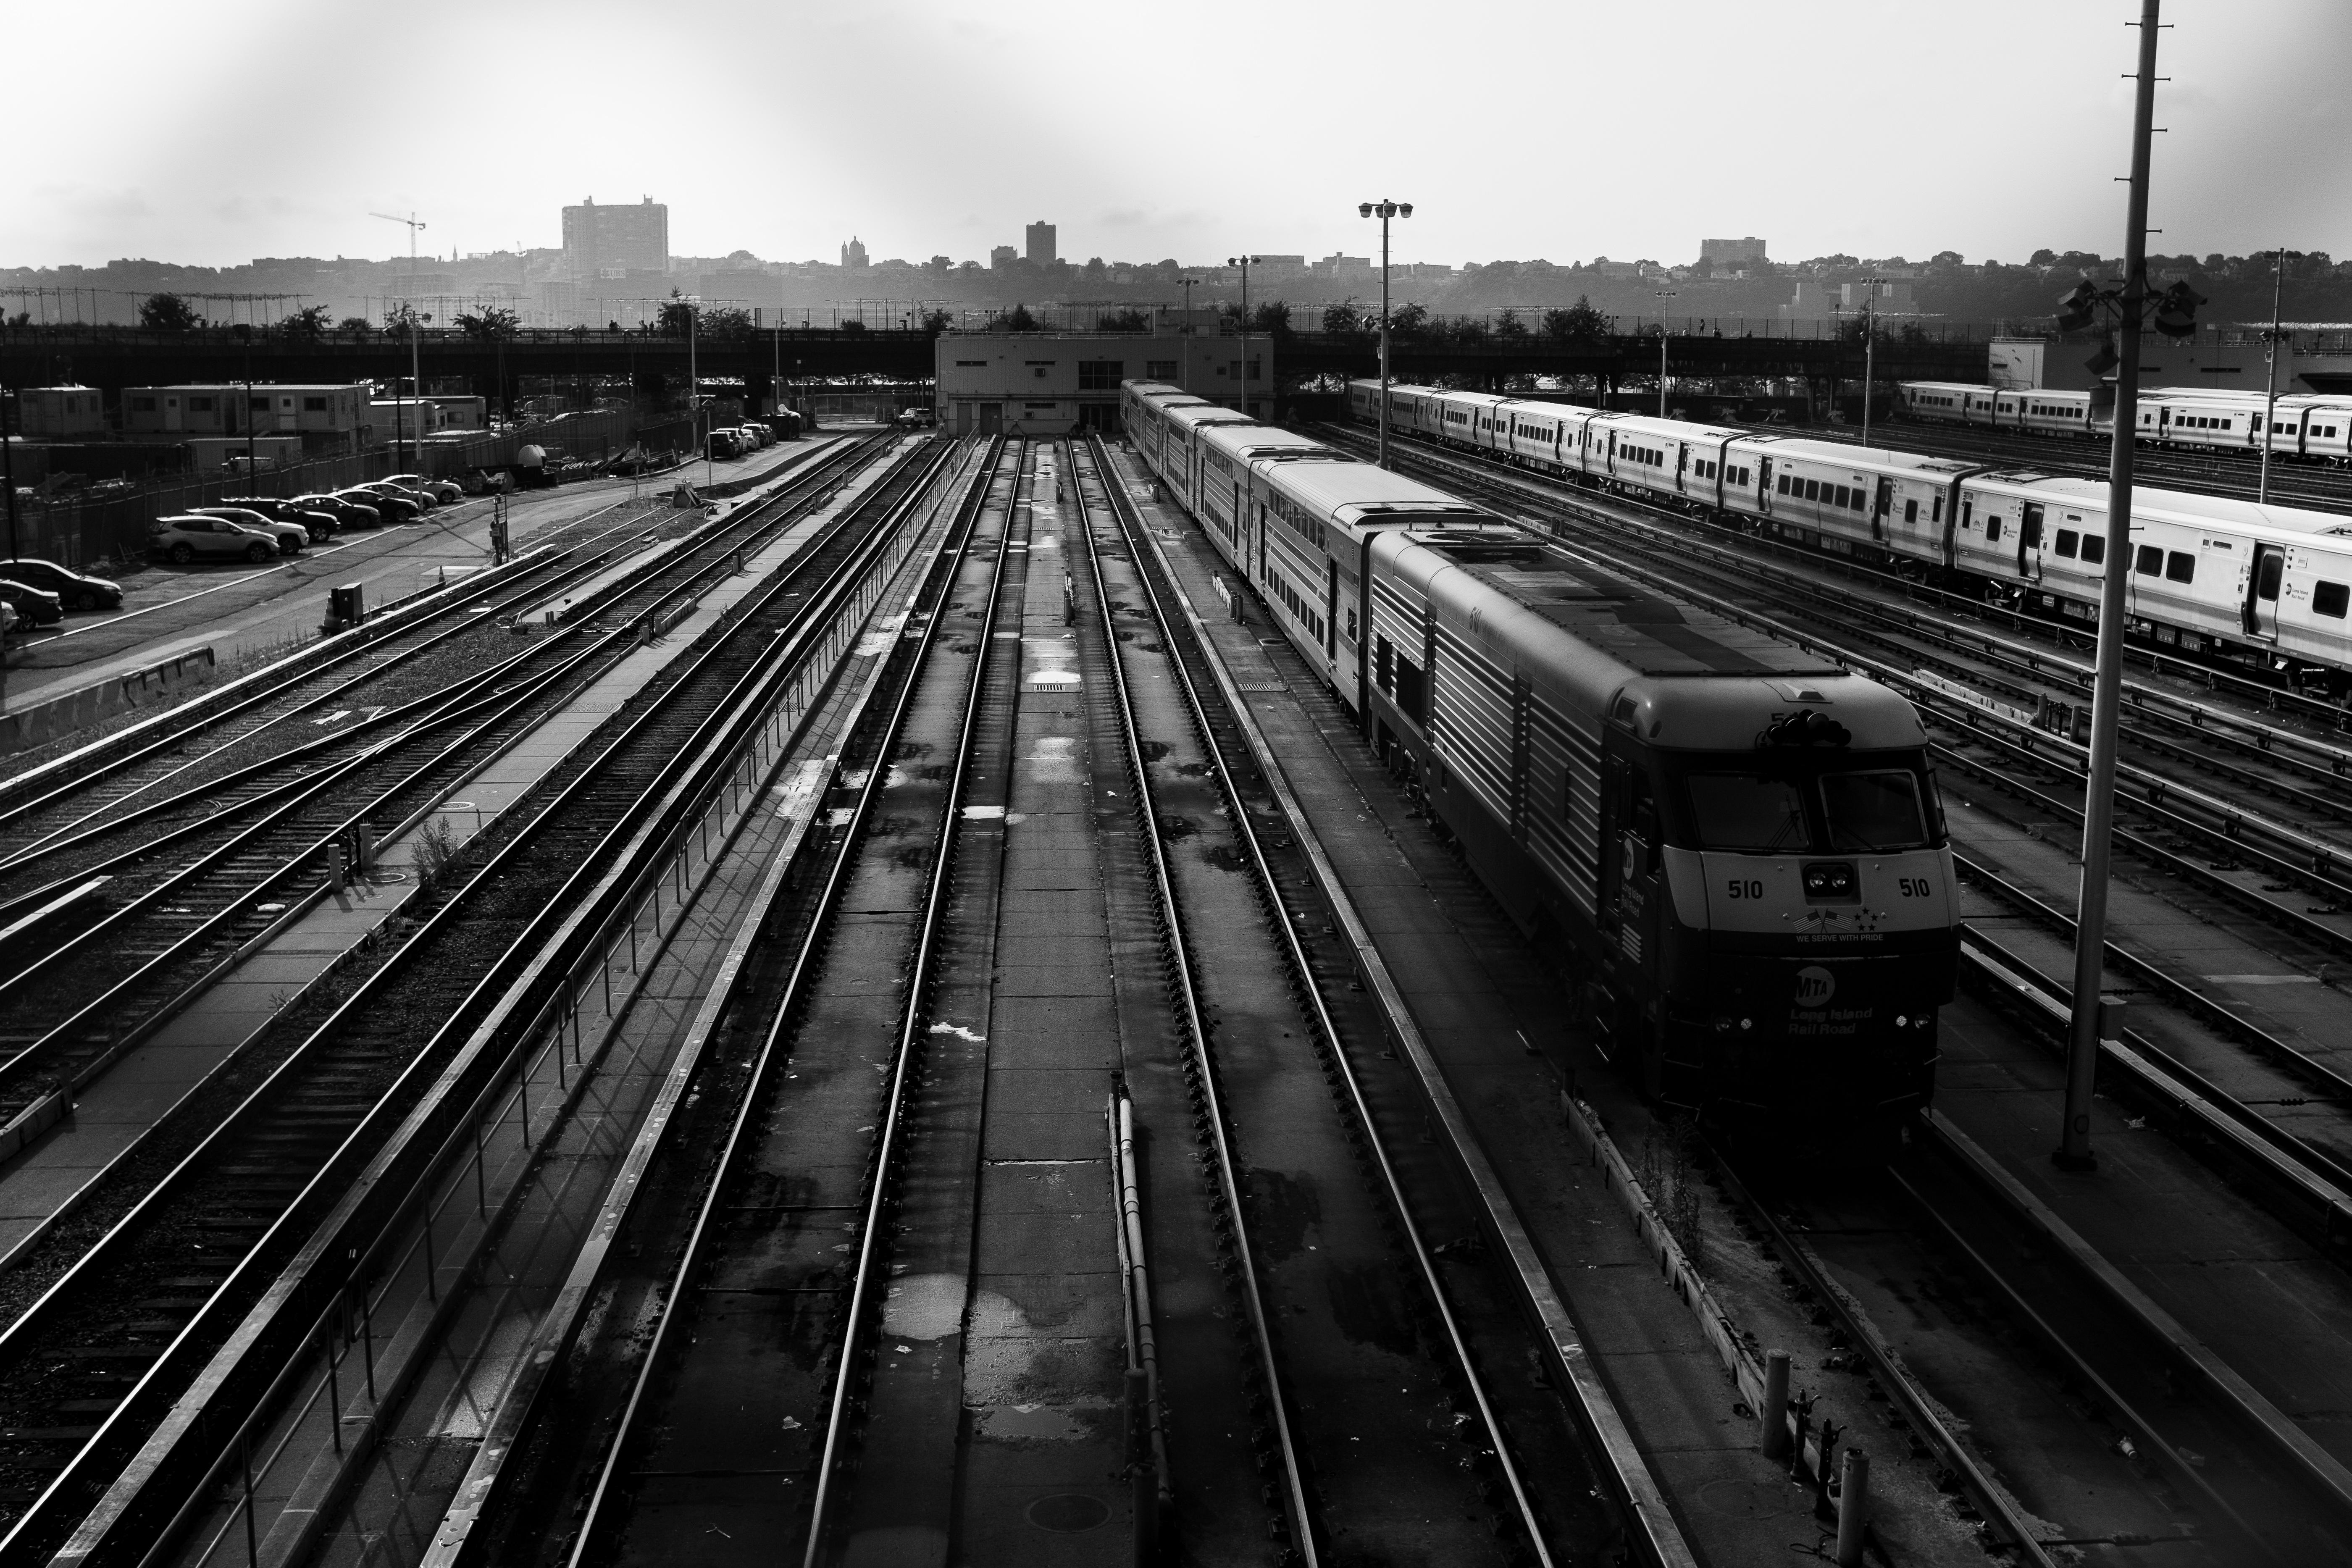 Gray Scale Photo of Train